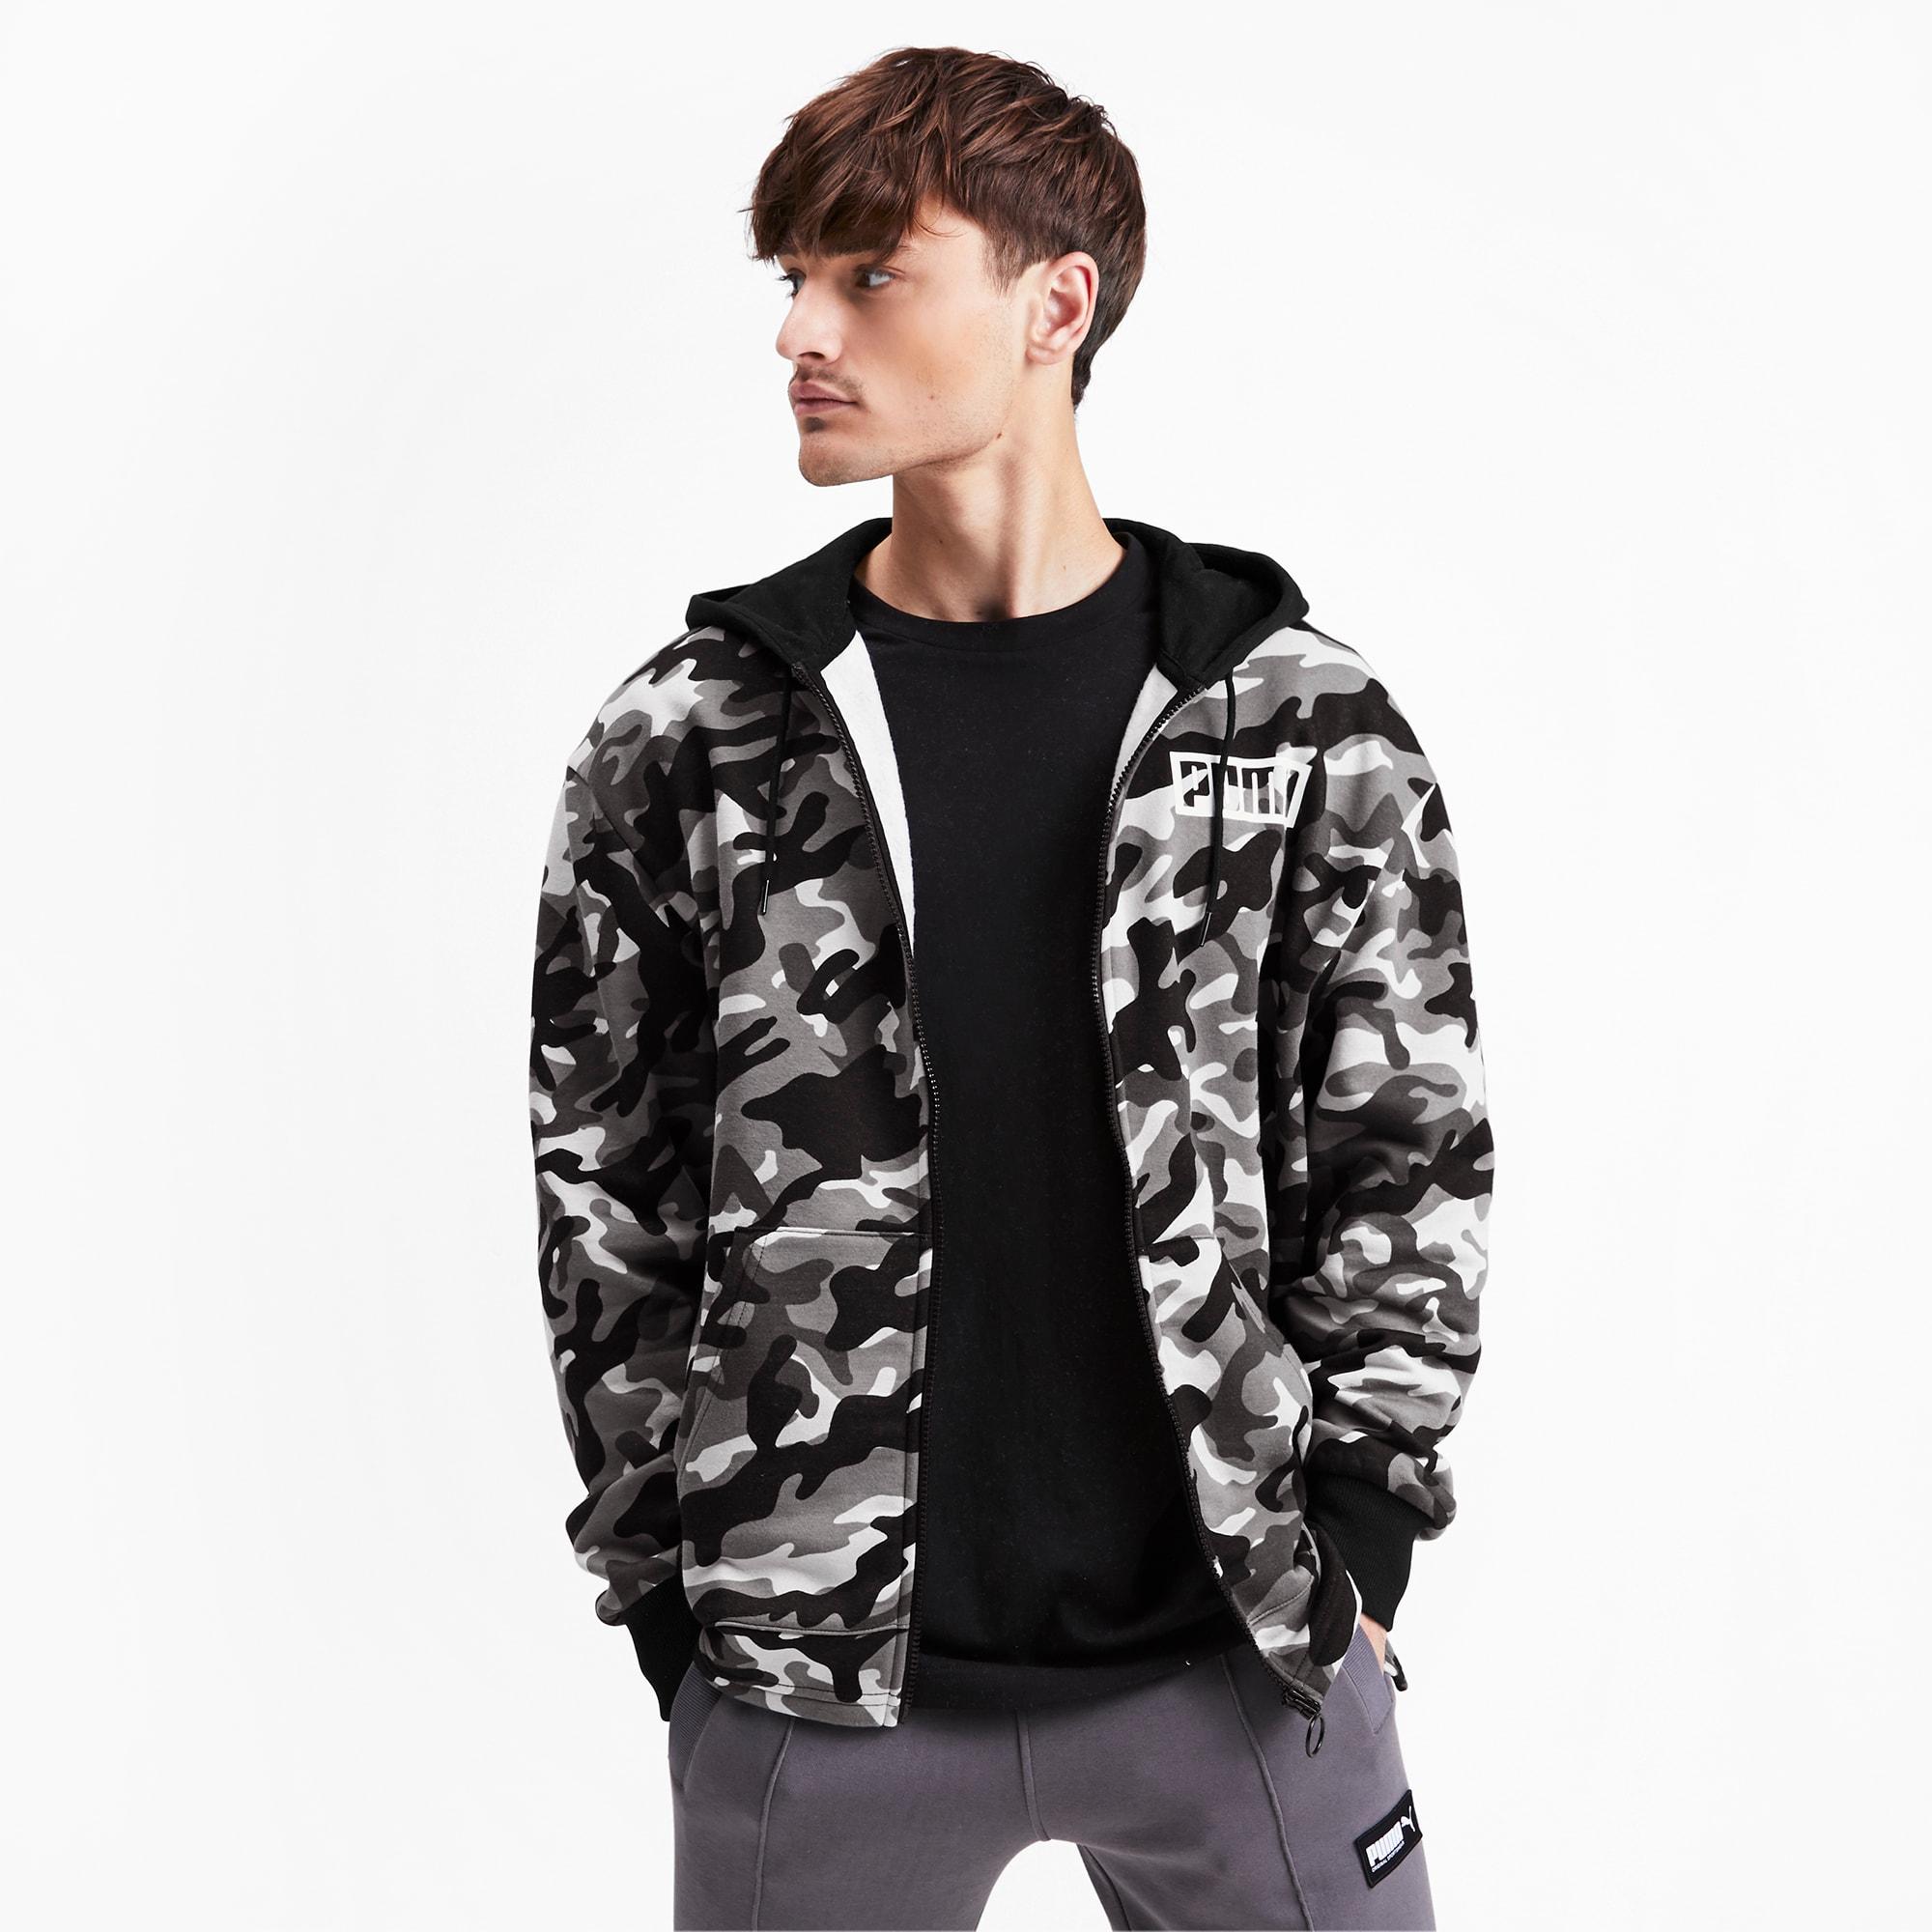 X-Future Men Coat Hooded Zip Front Fleece Lined Outwear Camo Print Sweatshirt